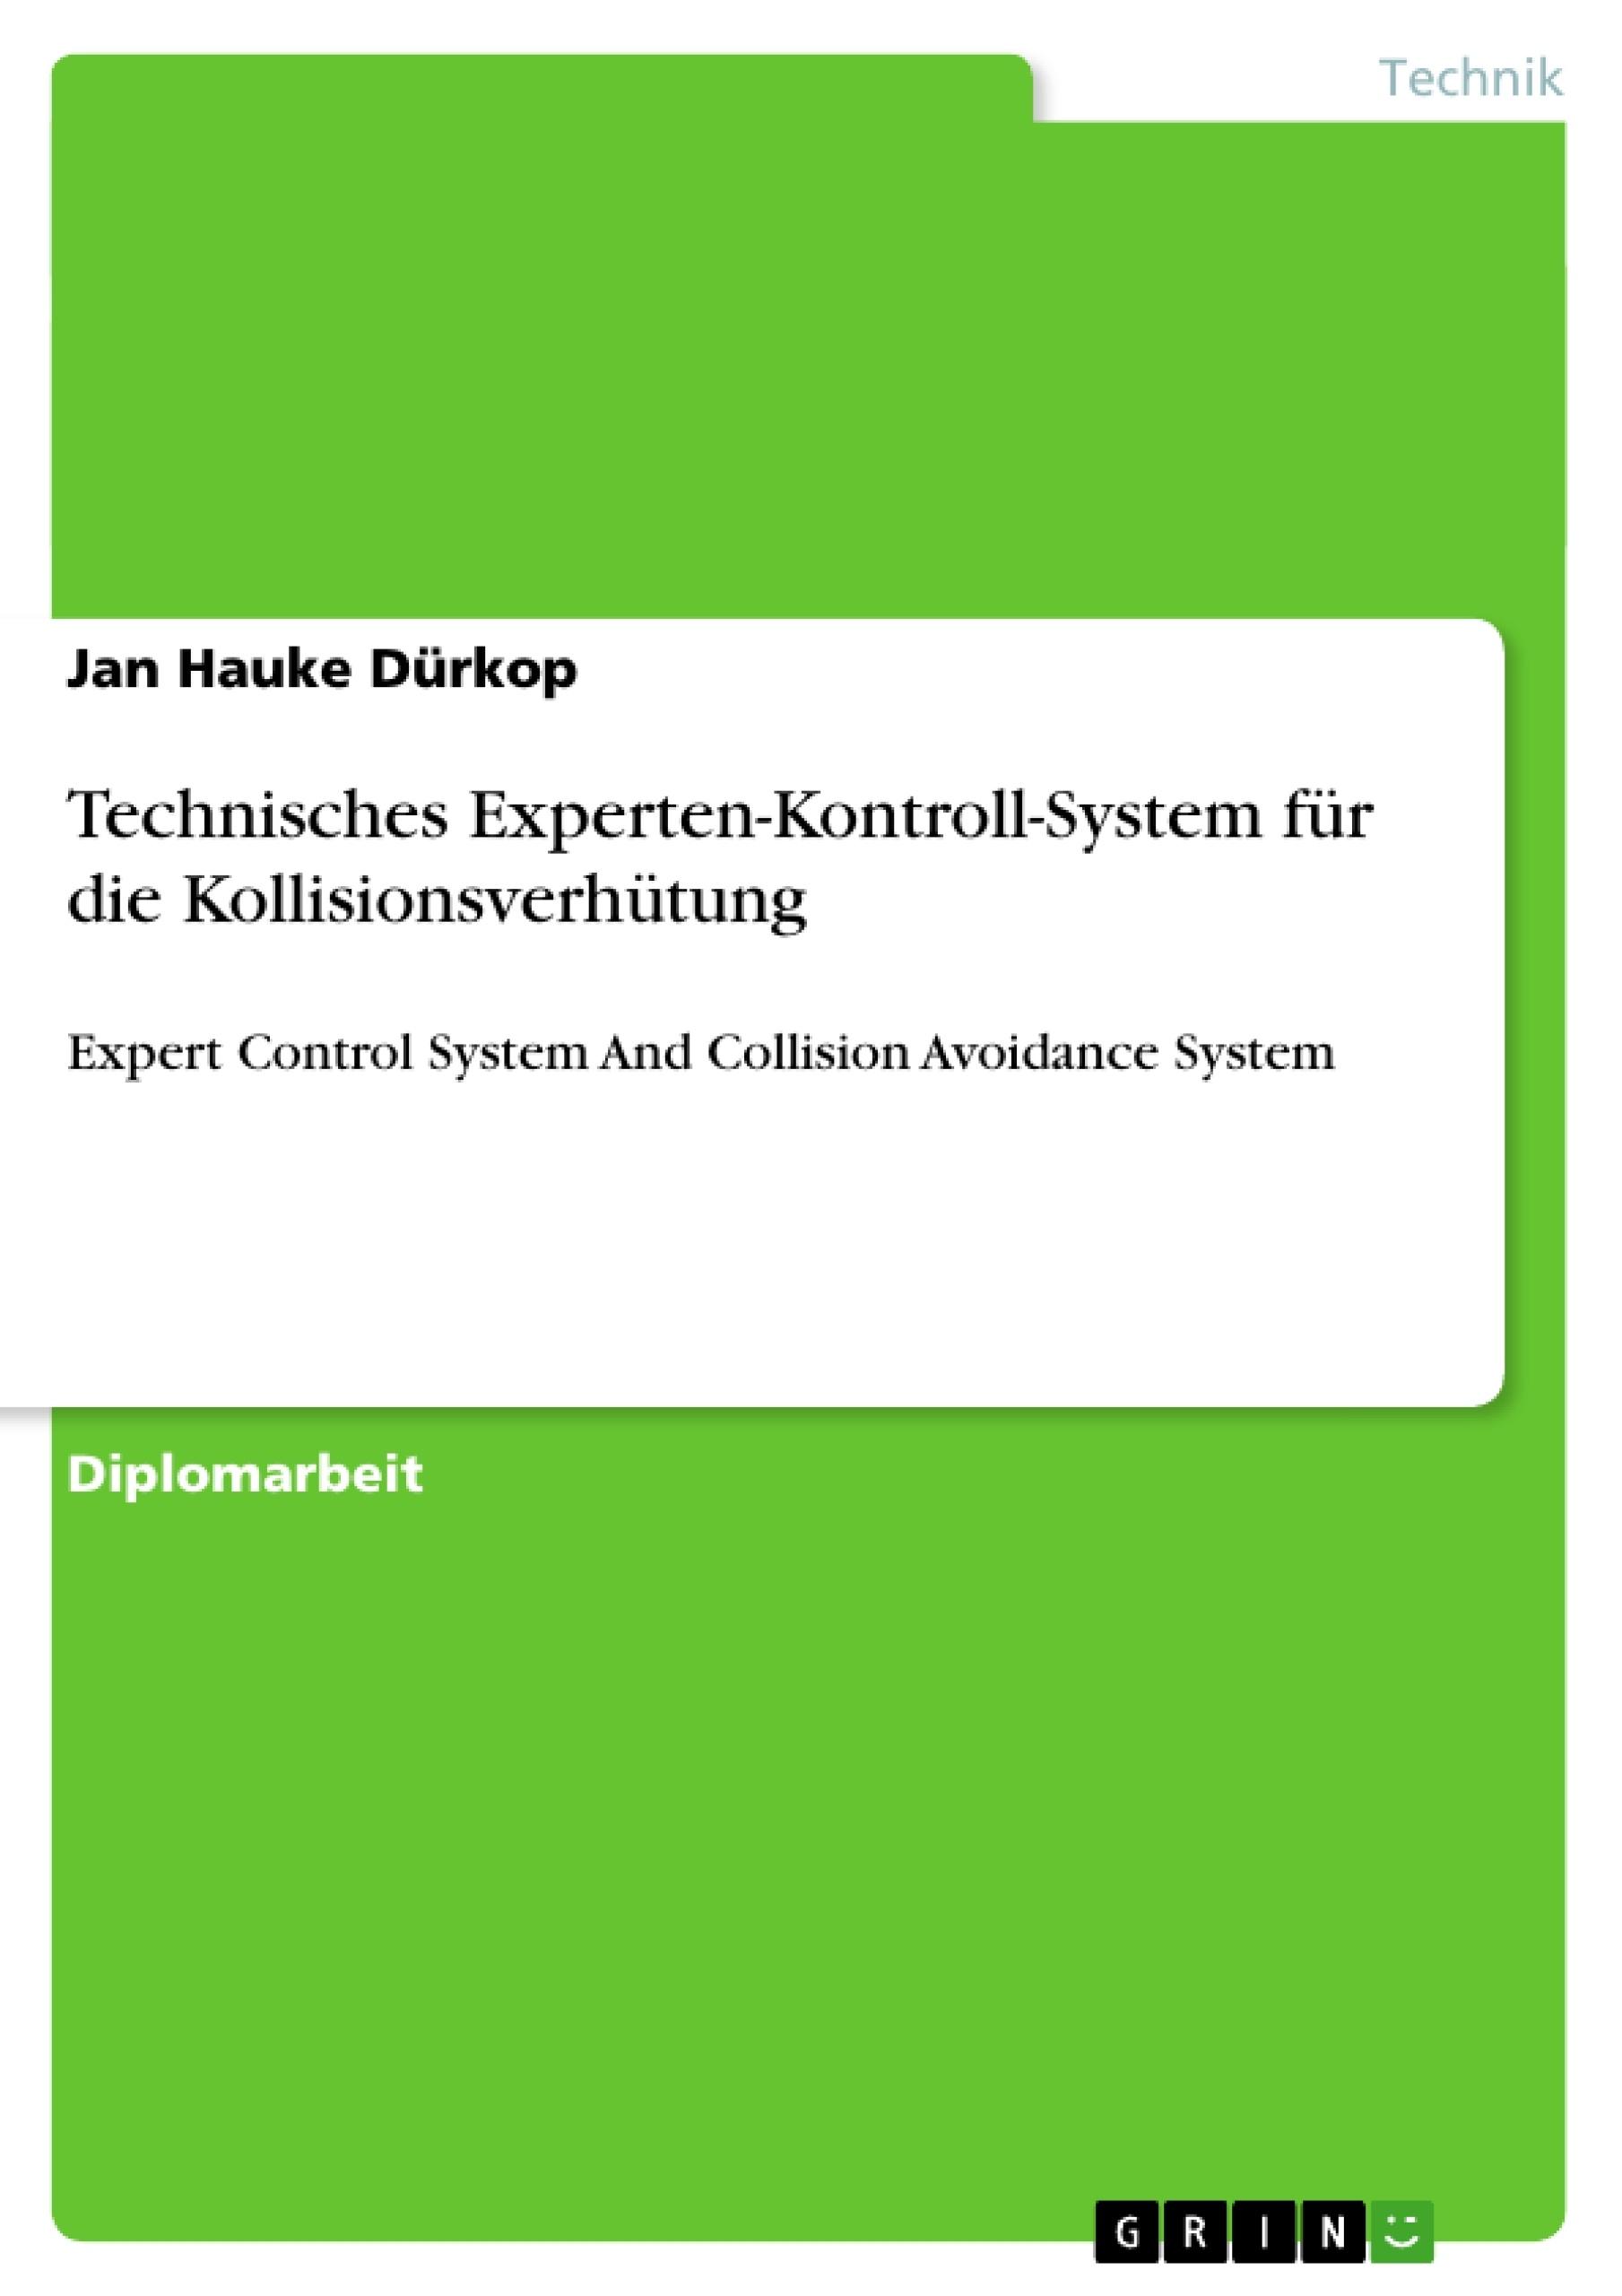 Titel: Technisches Experten-Kontroll-System für die Kollisionsverhütung